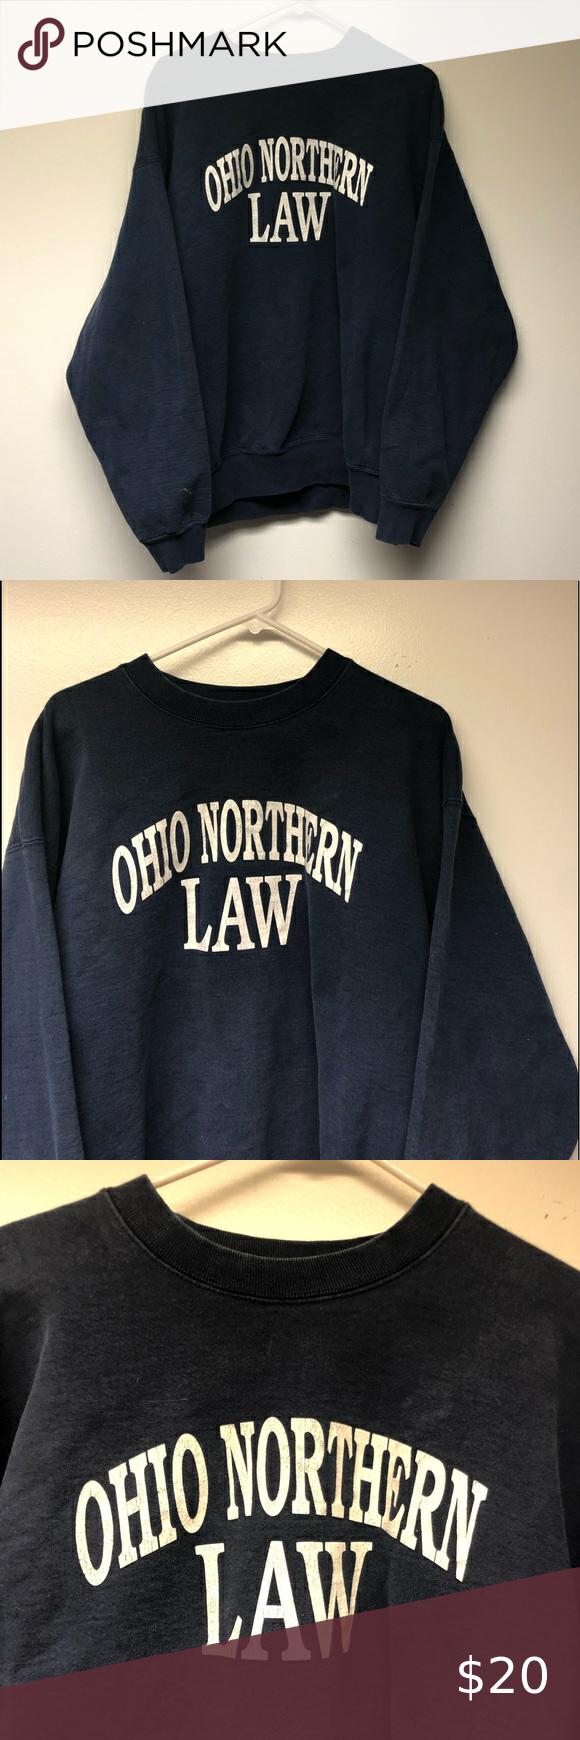 Ohio Northern University Law Crewneck Sweatshirt Crew Neck Sweatshirt Sweatshirts Sweatshirt Shirt [ 1740 x 580 Pixel ]